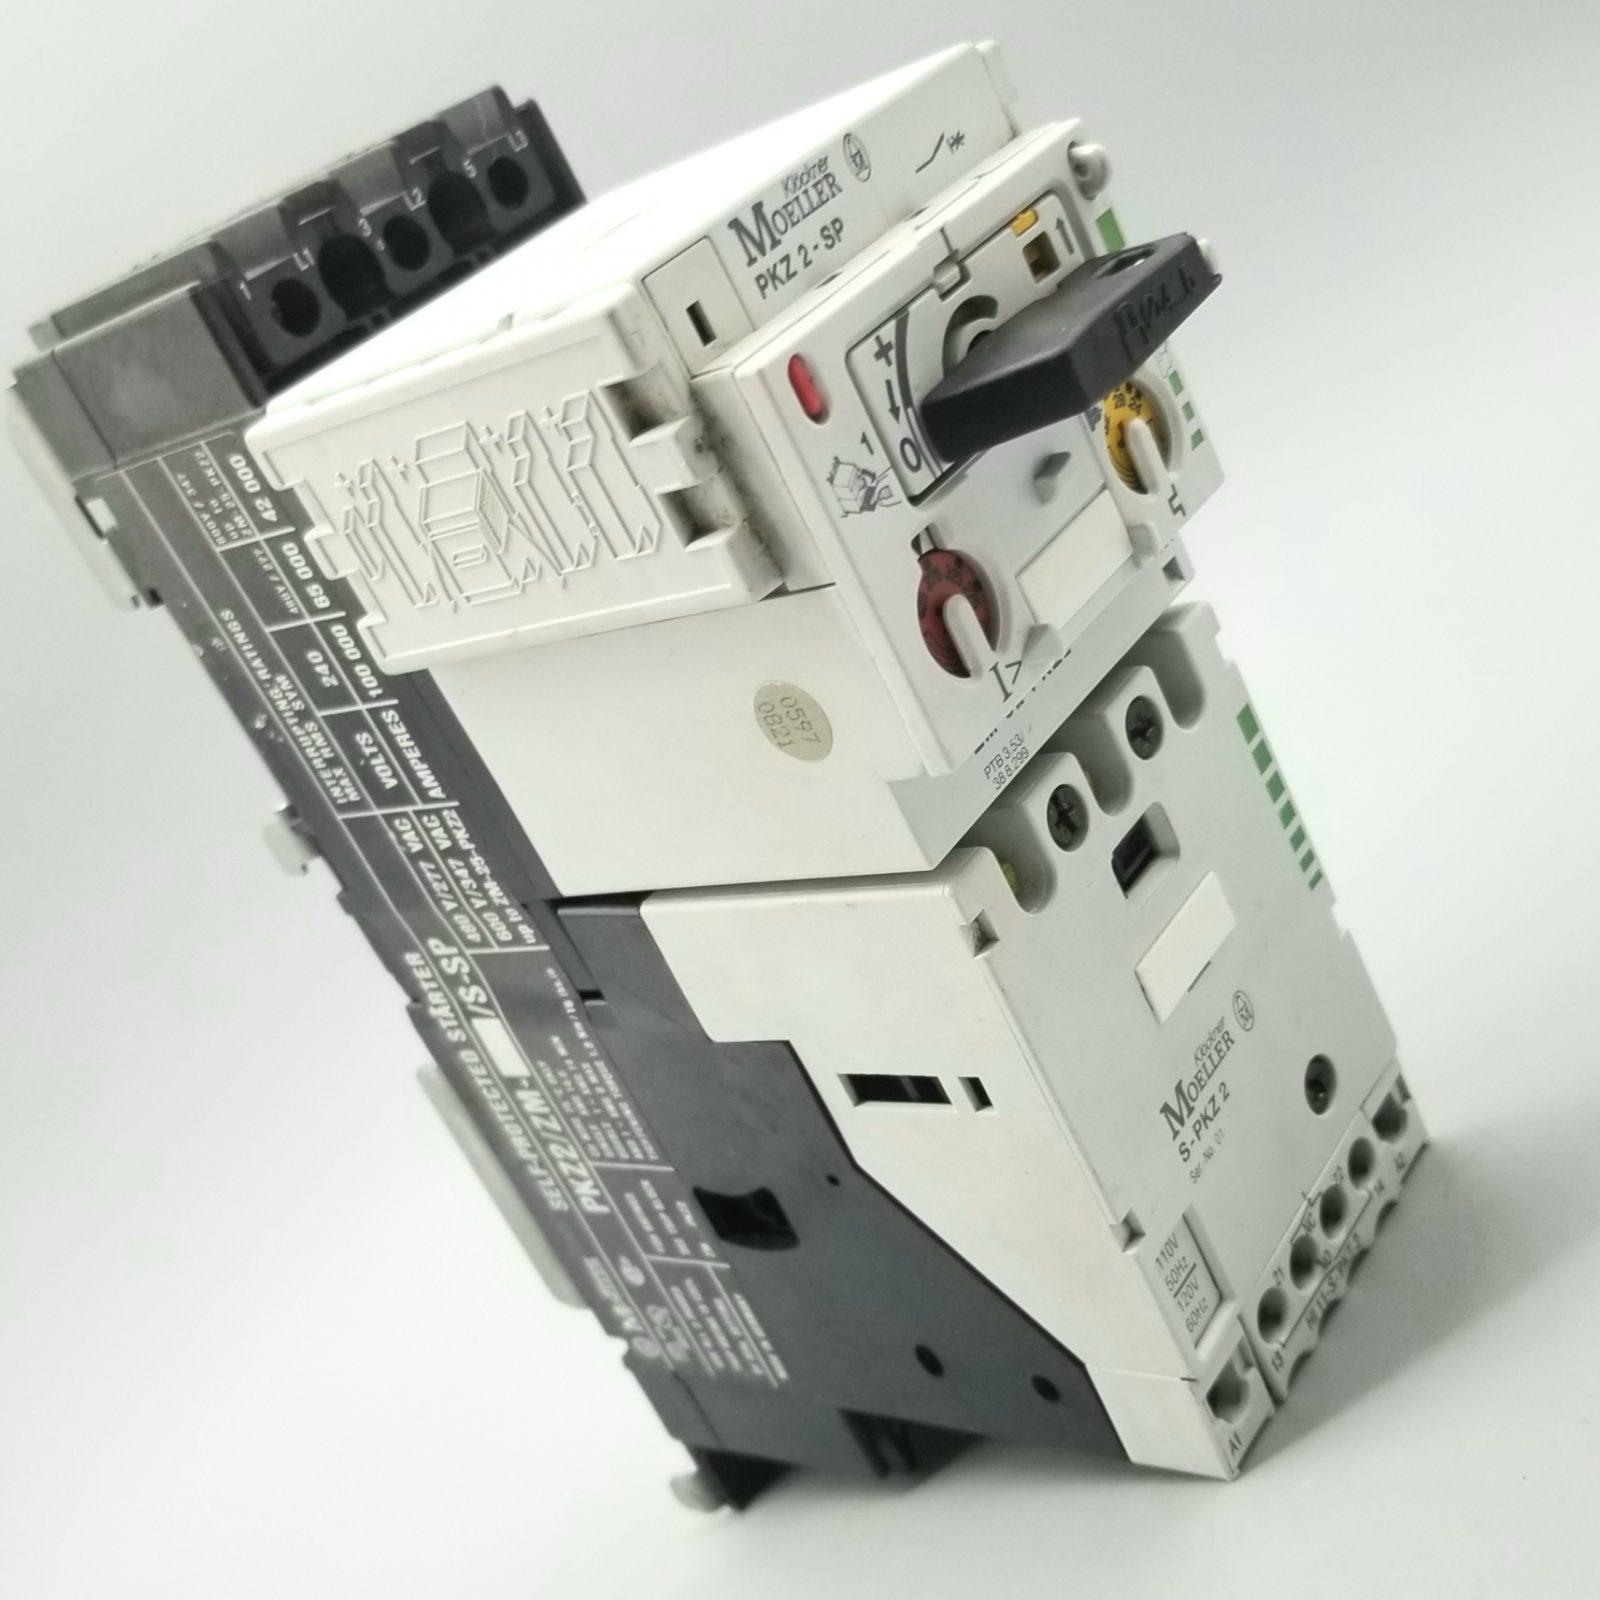 Klockner Moeller PKZ2/ZM-/S-SP Self-Protected Starter